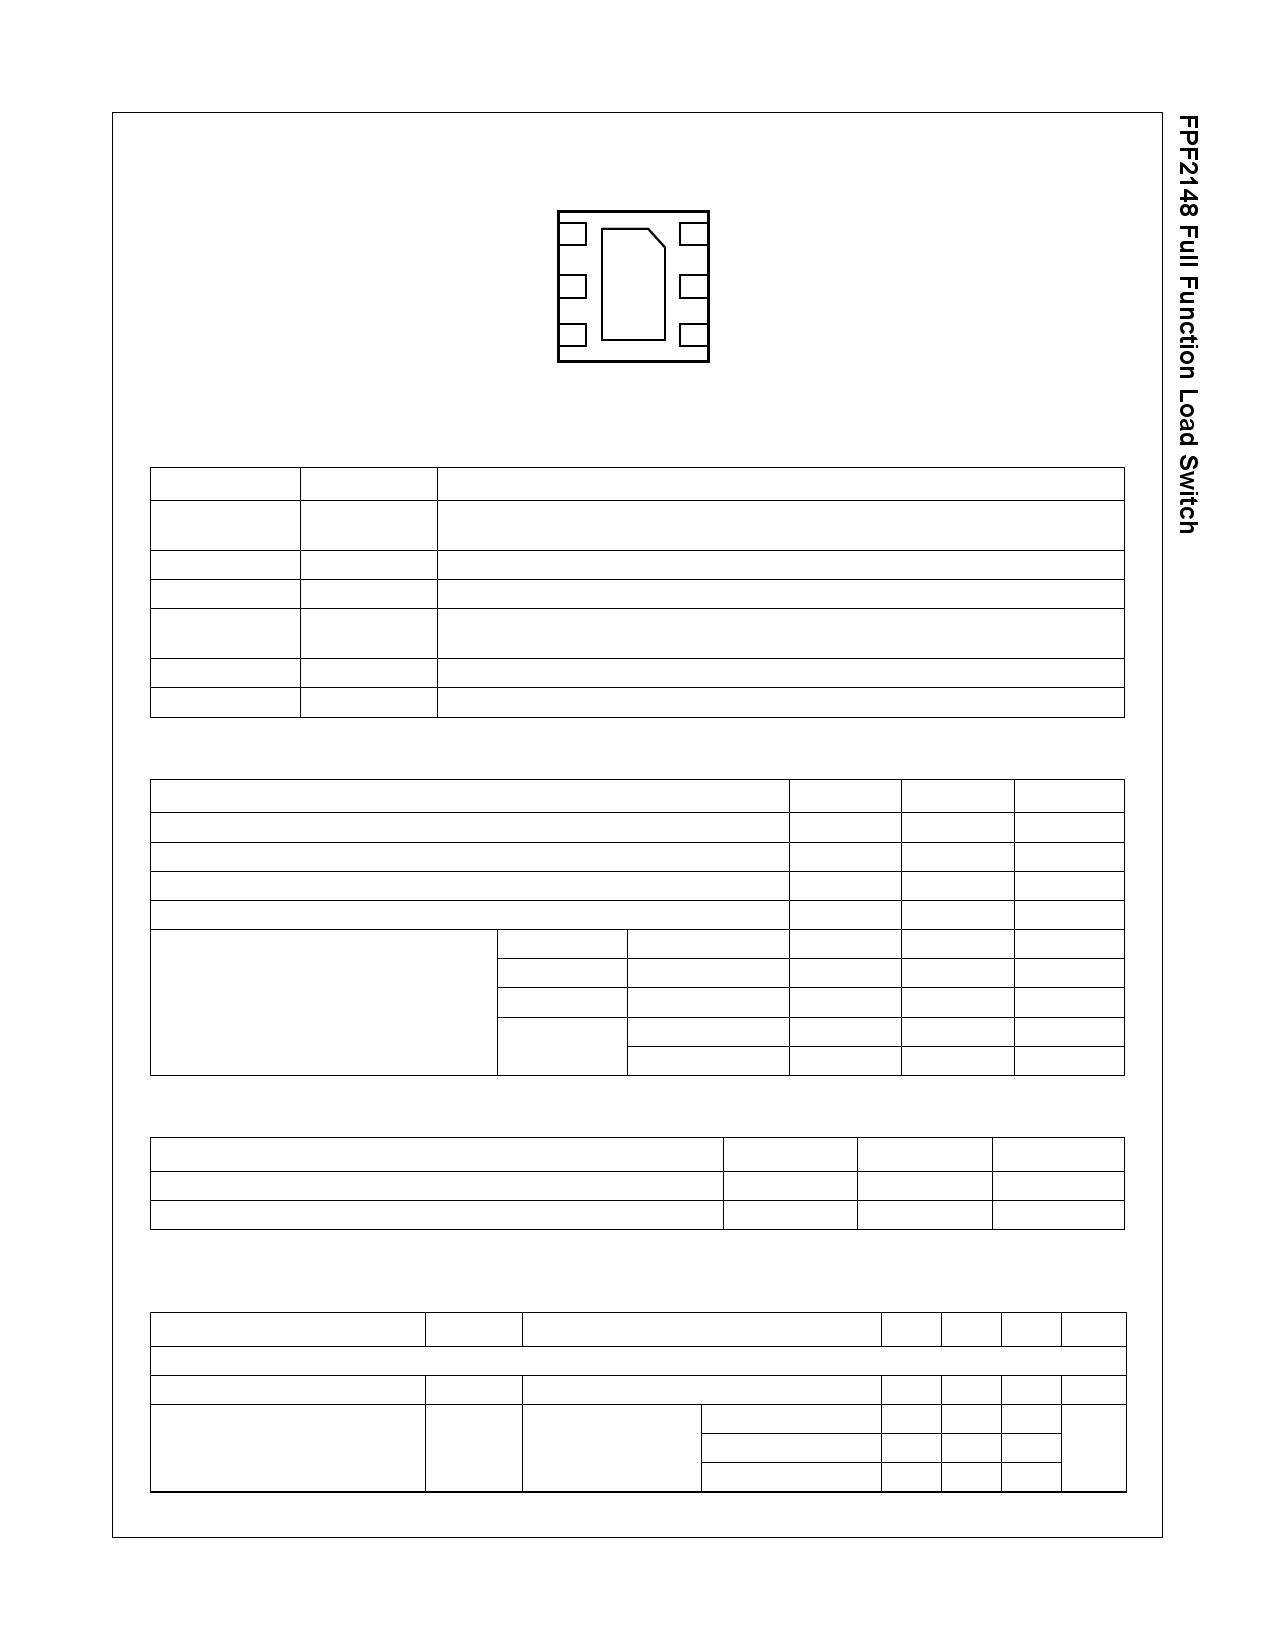 FPF2148 pdf, 電子部品, 半導体, ピン配列